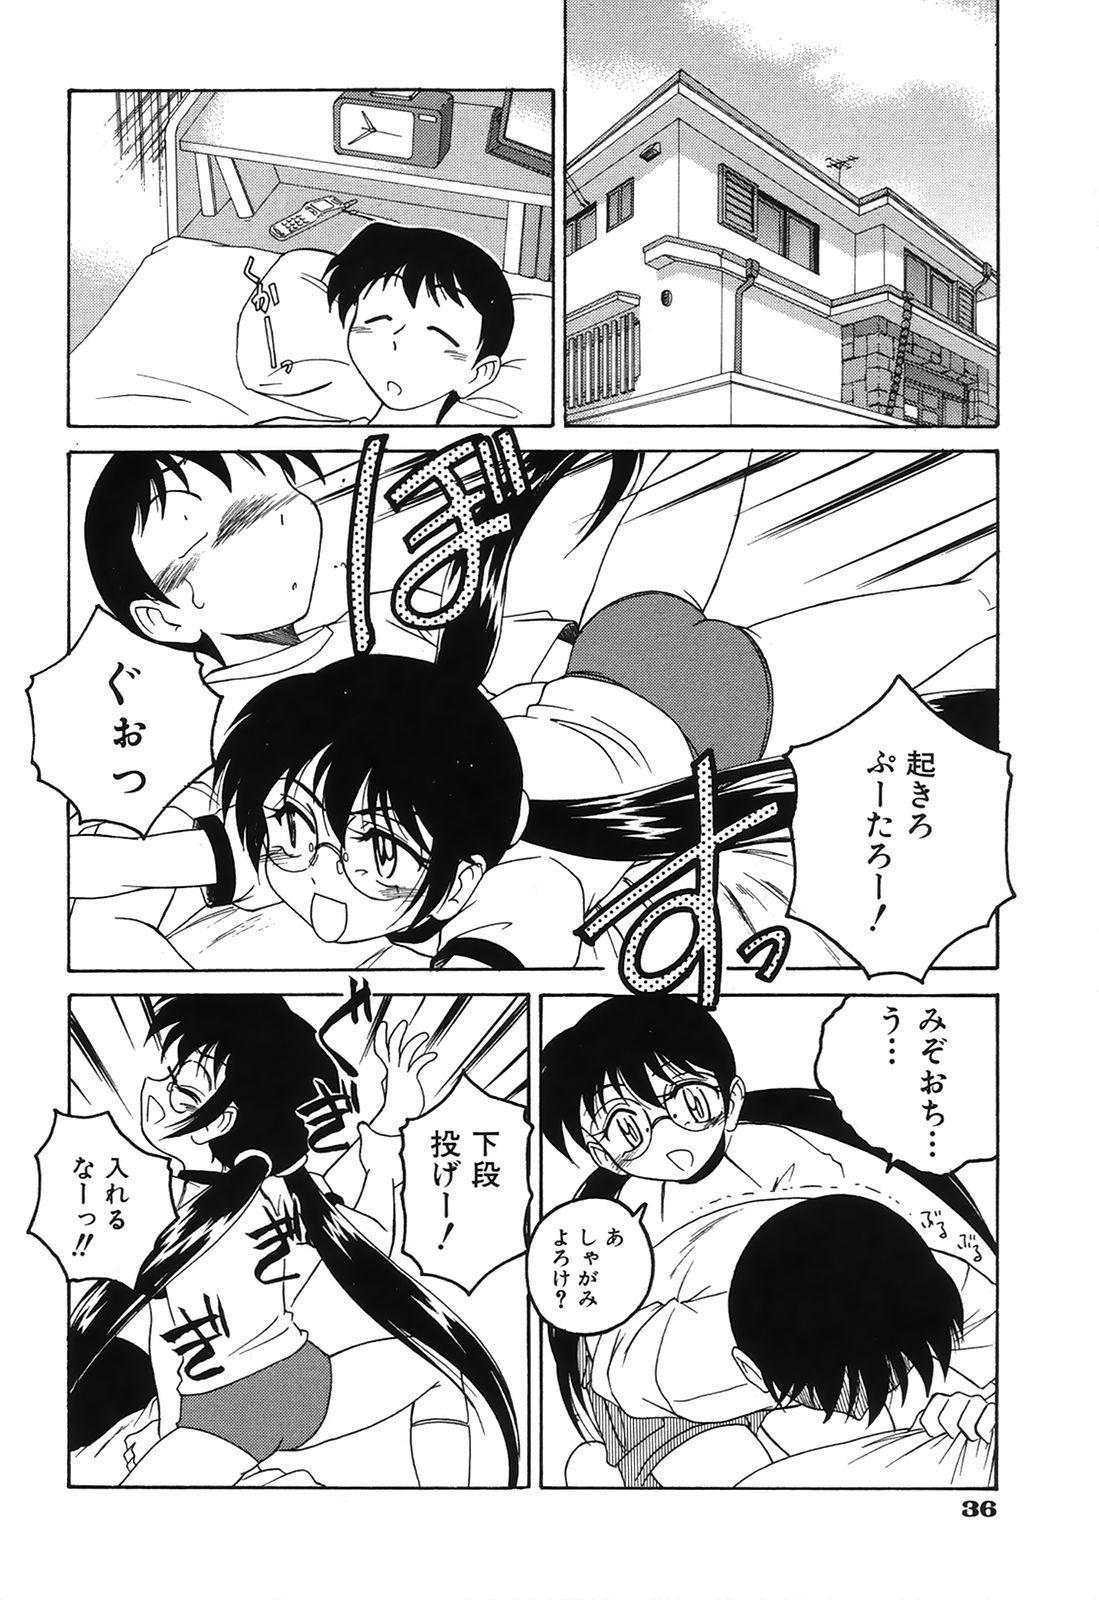 Omake No Musume 38